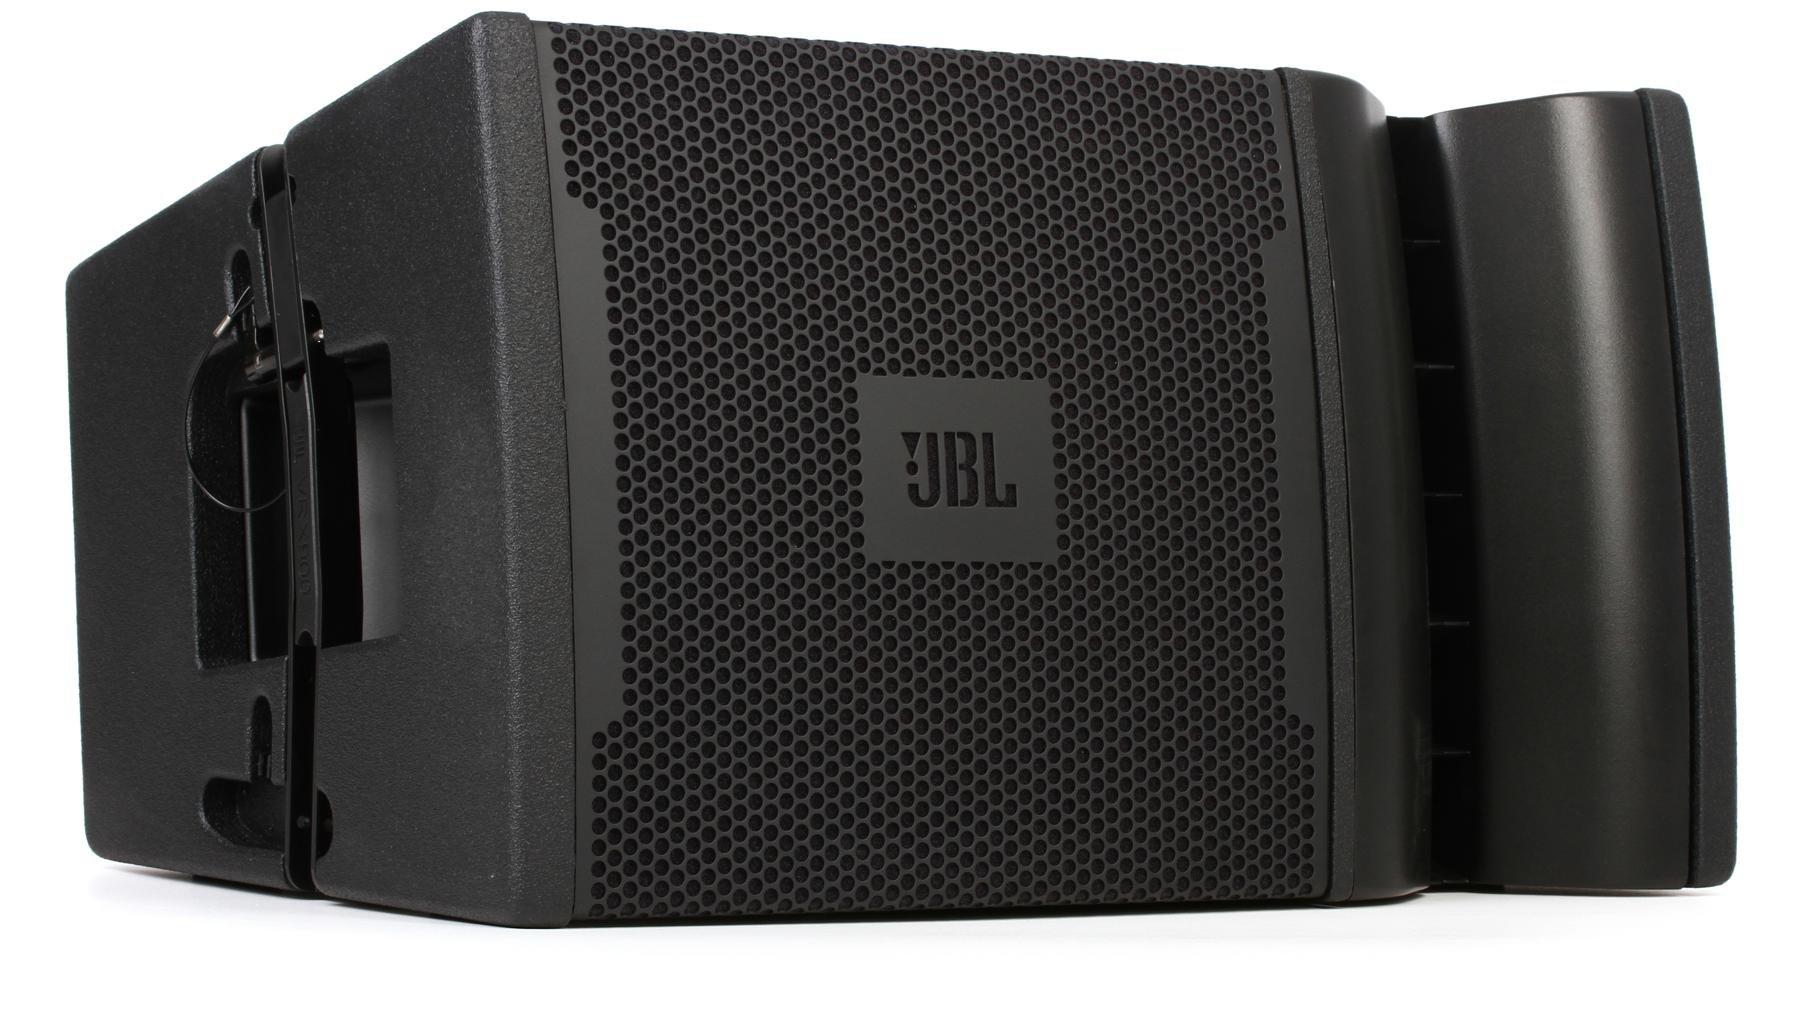 Jbl Vrx932la 3200w 12 Line Array Speaker Sweetwater 8r 625w Loudspeaker Driven By Power Amplifier Image 1